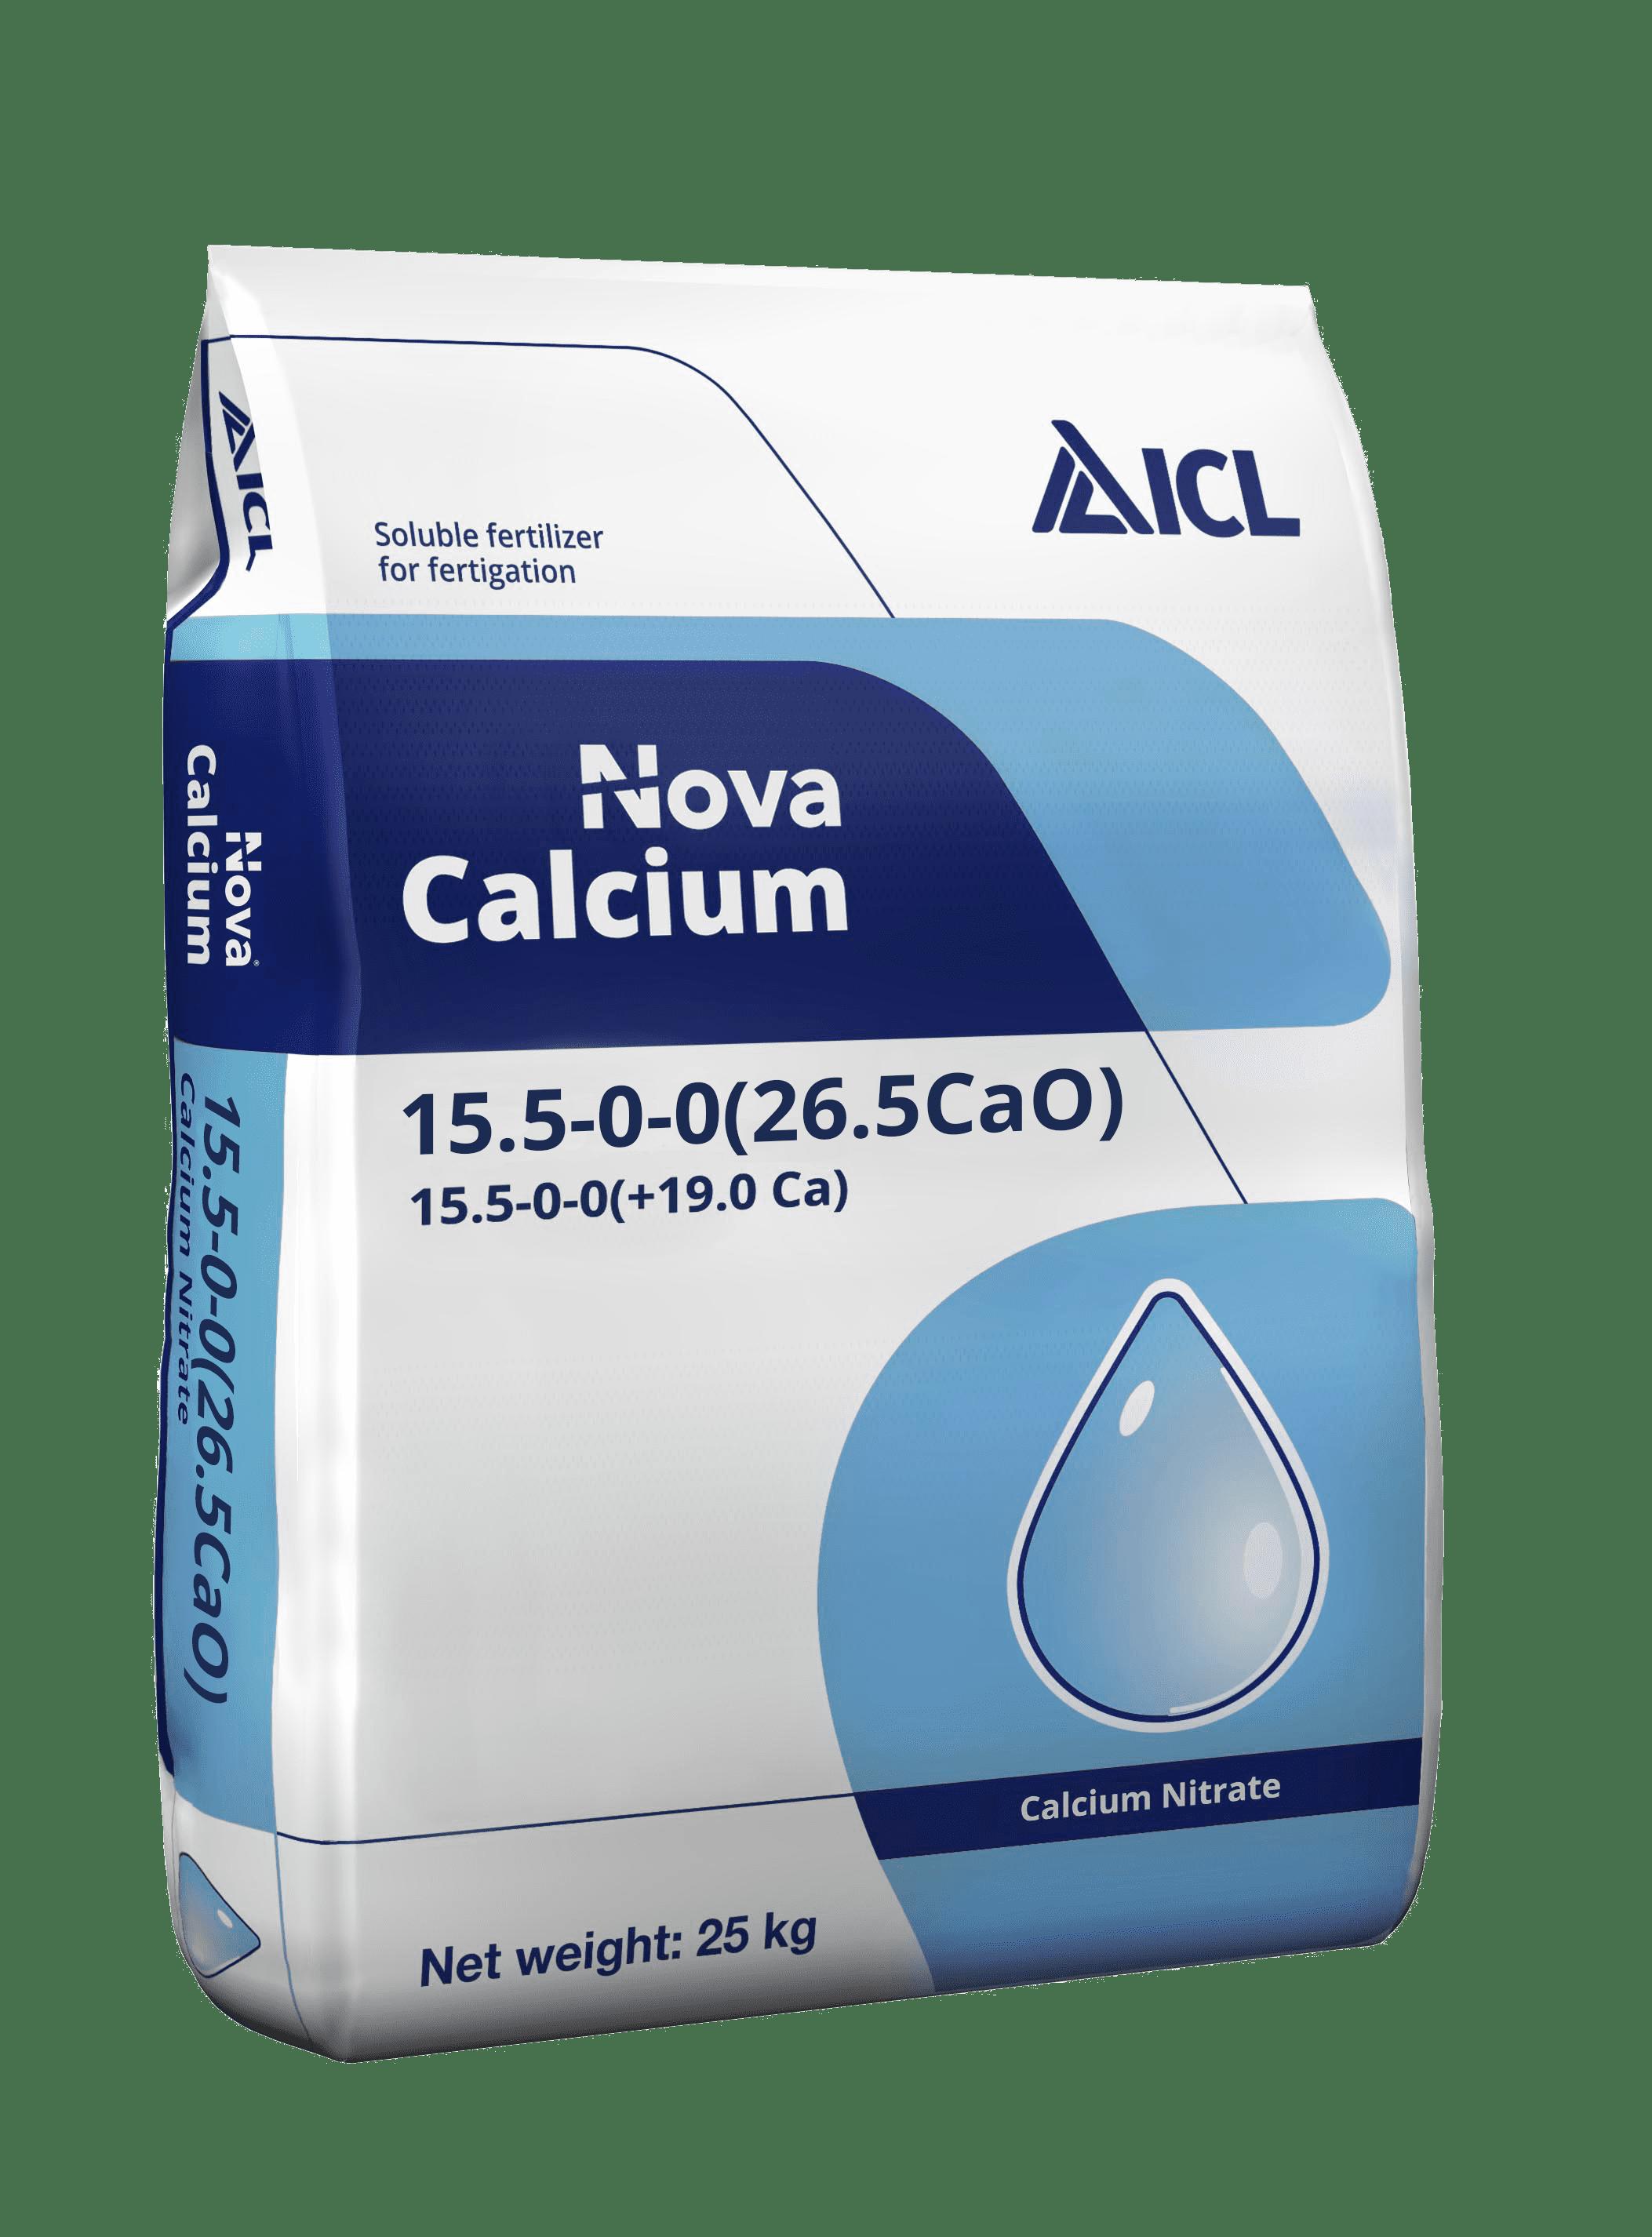 ICL Nova Calcium Nitrate 15.5-0-0+26.5CaO